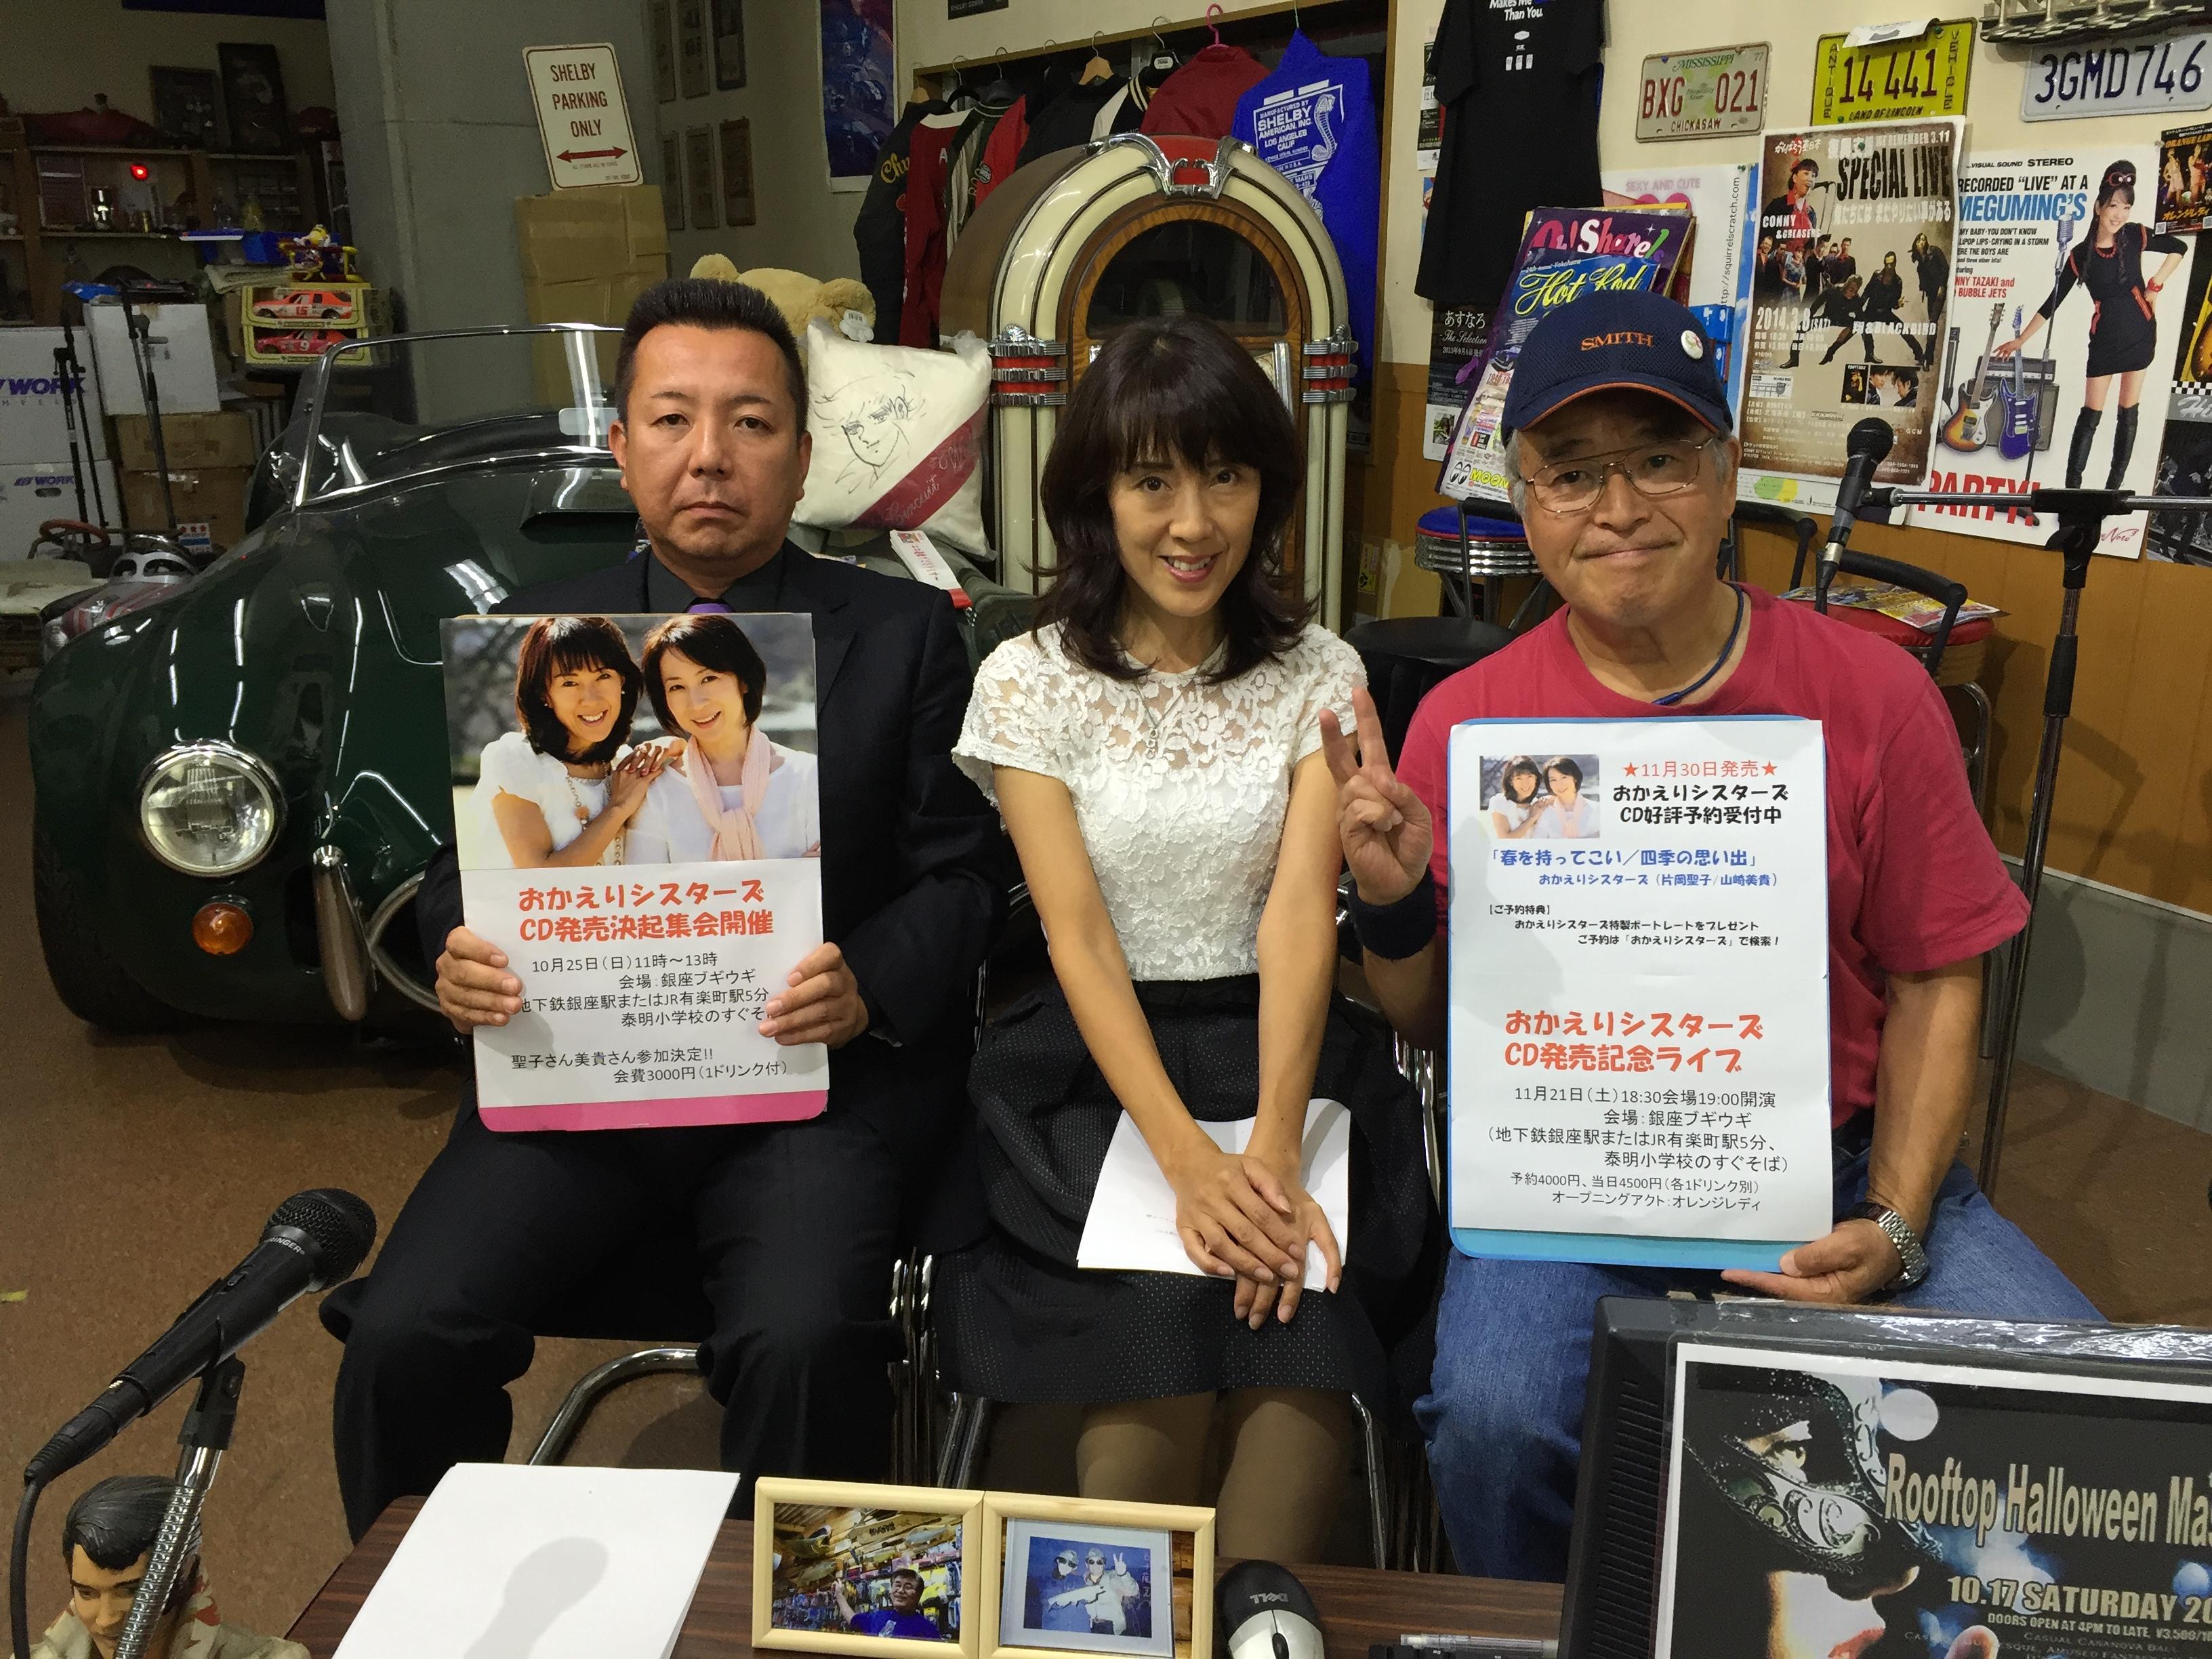 『片岡聖子のノッてるTV~ナニ観てんだよ!』#7(2015年10月22日放送分)